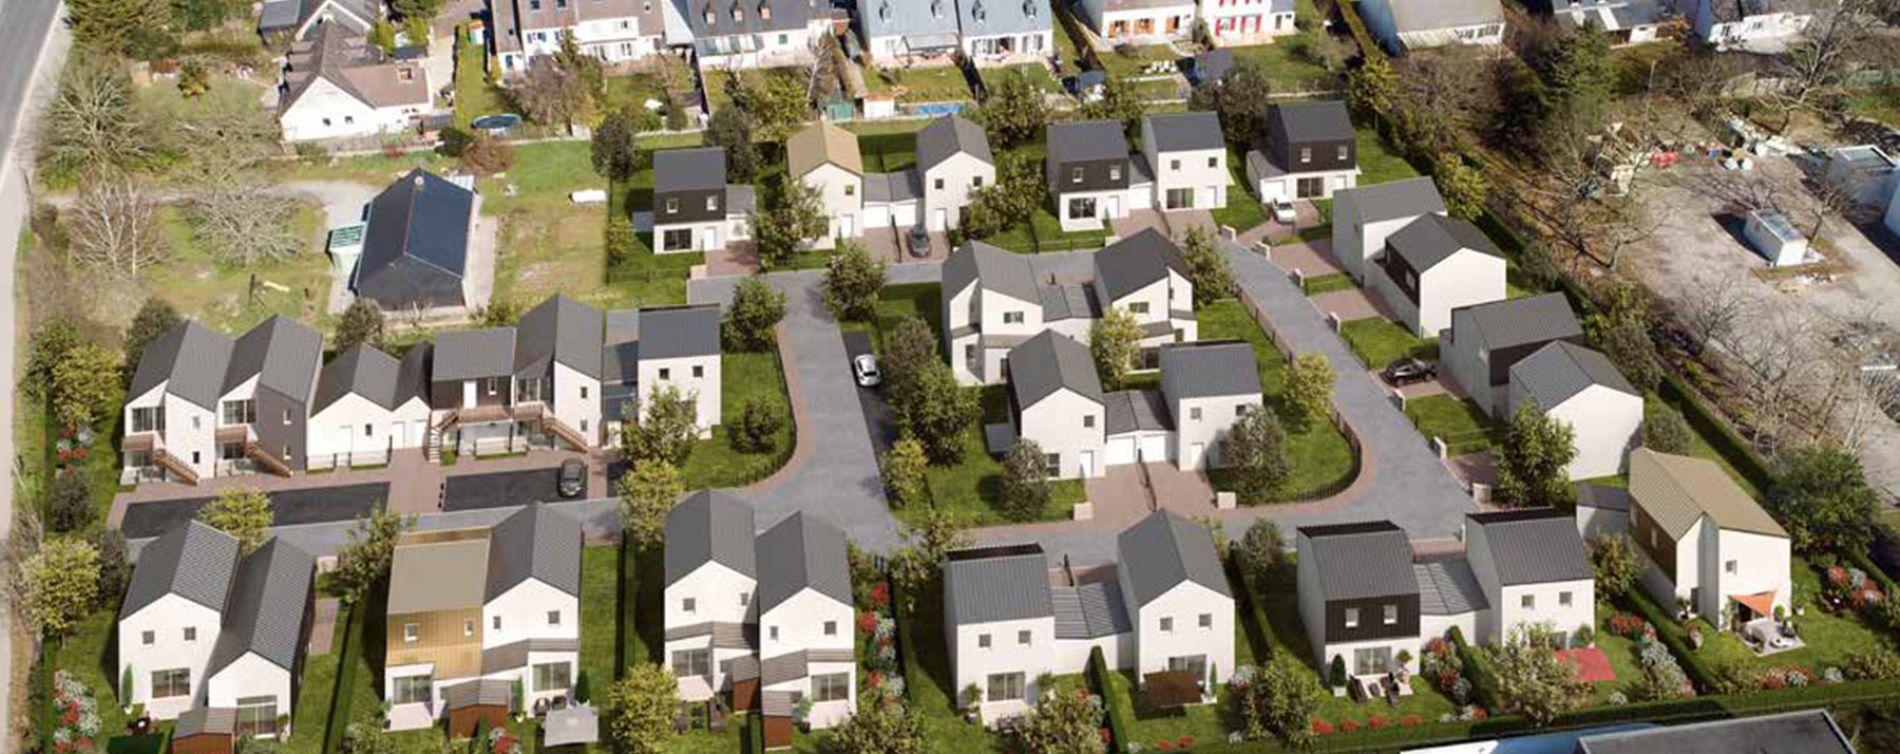 Carquefou : programme immobilier neuve « Le Clos Virens » (2)